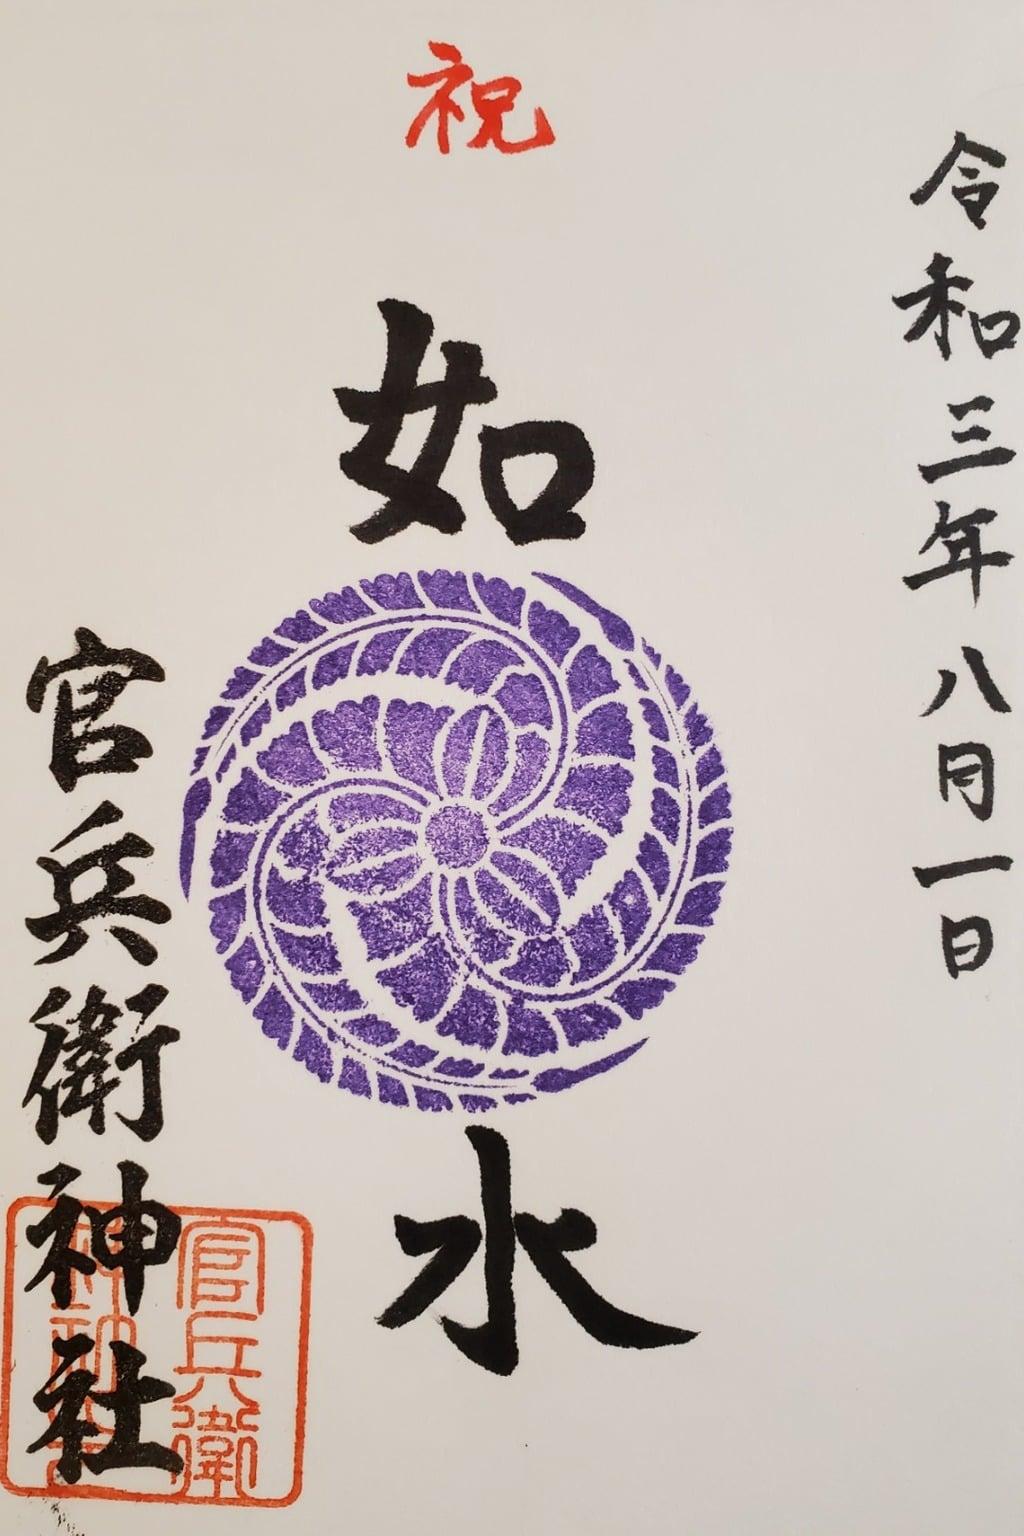 廣峯神社の御朱印